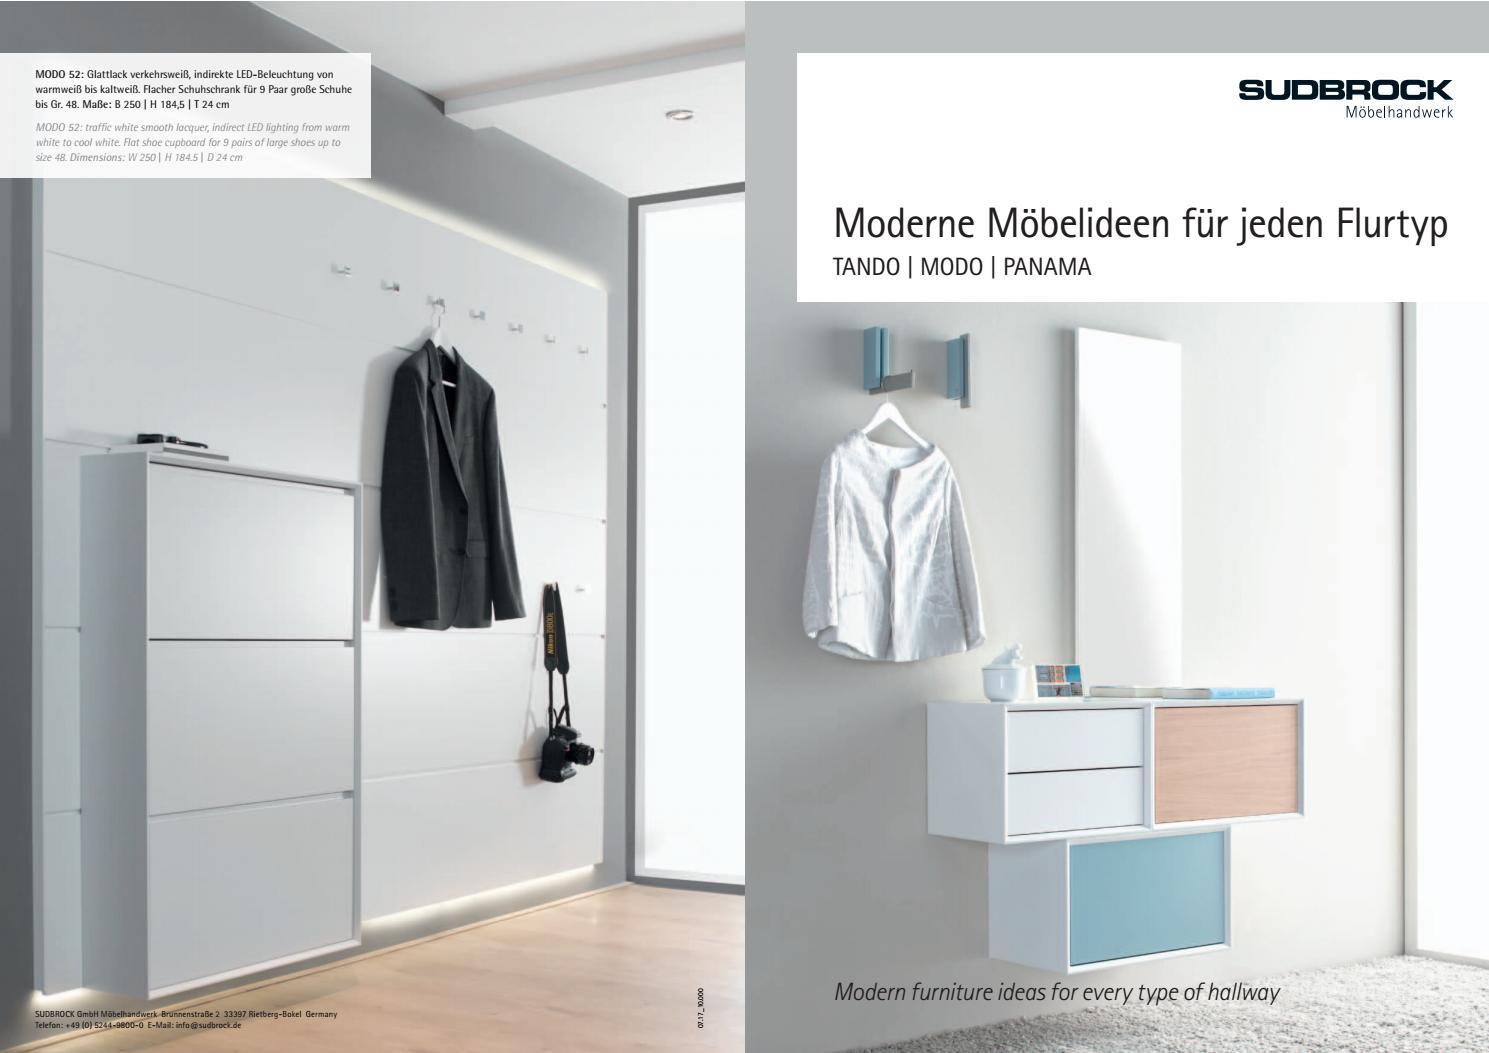 Sudbrock Garderoben by nldm - issuu